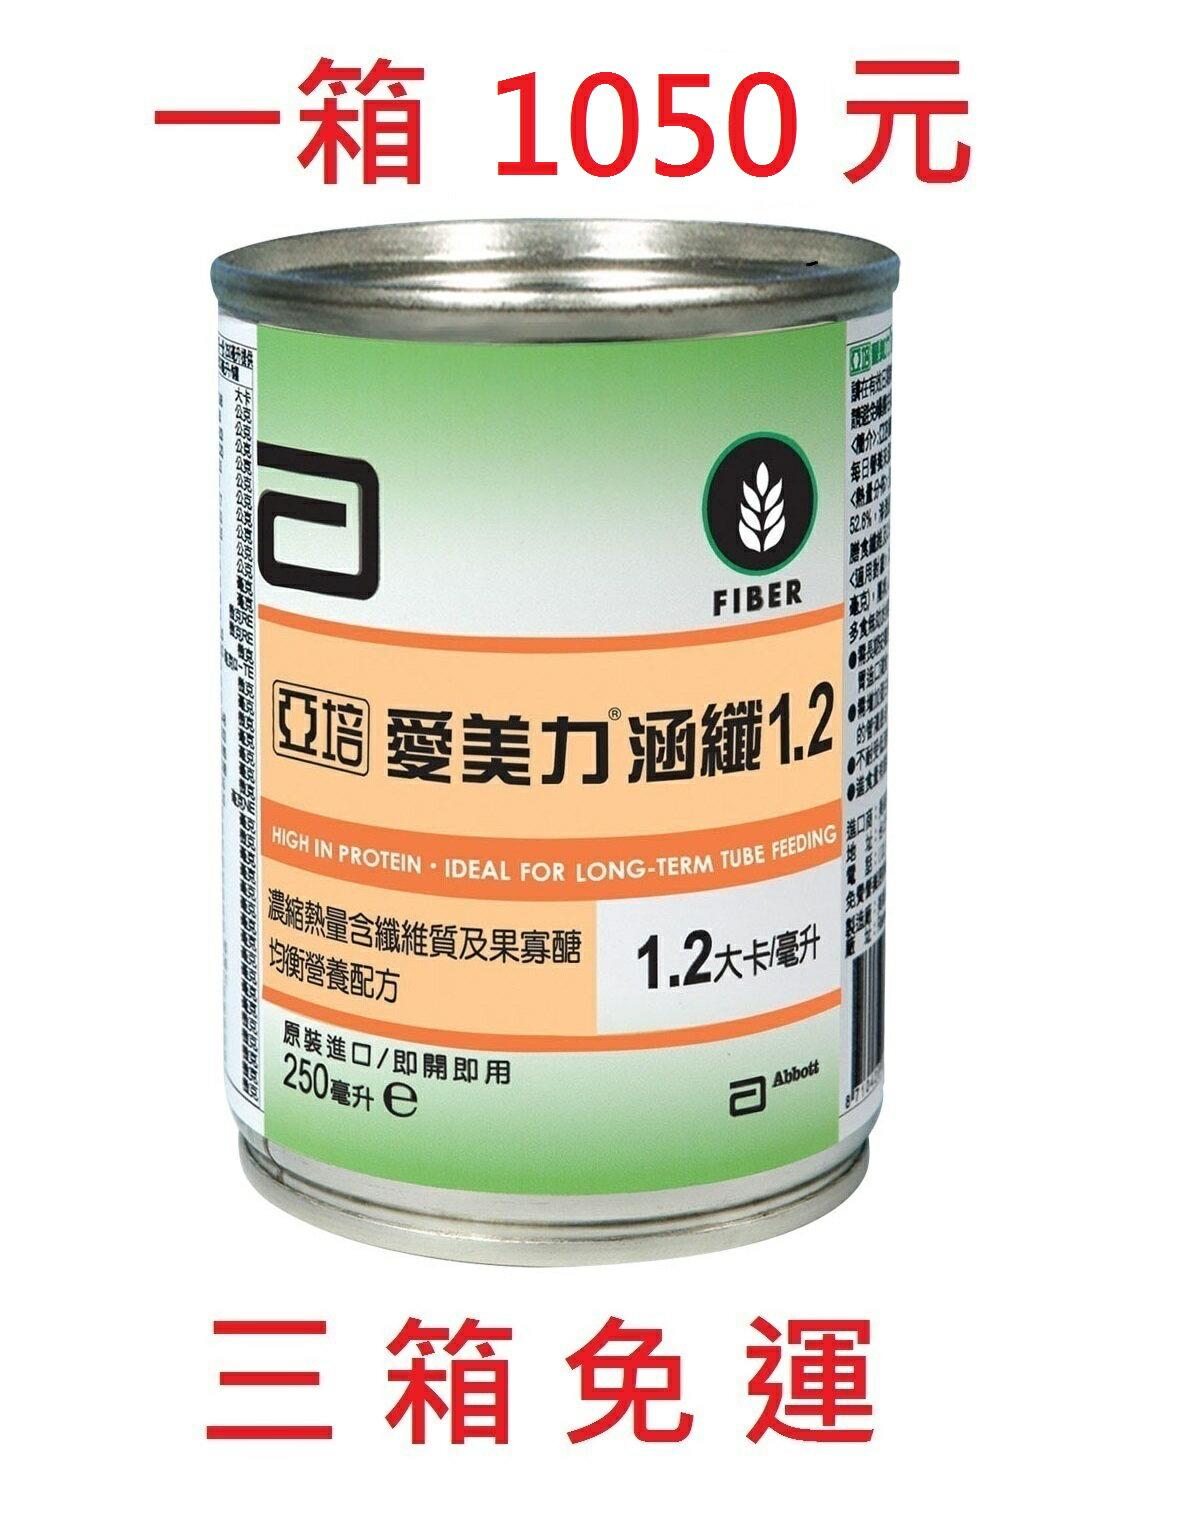 亞培愛美力涵纖1.2 重量:250ml 一箱24瓶,三箱免運(三箱購買區) 保健食品 保健飲品